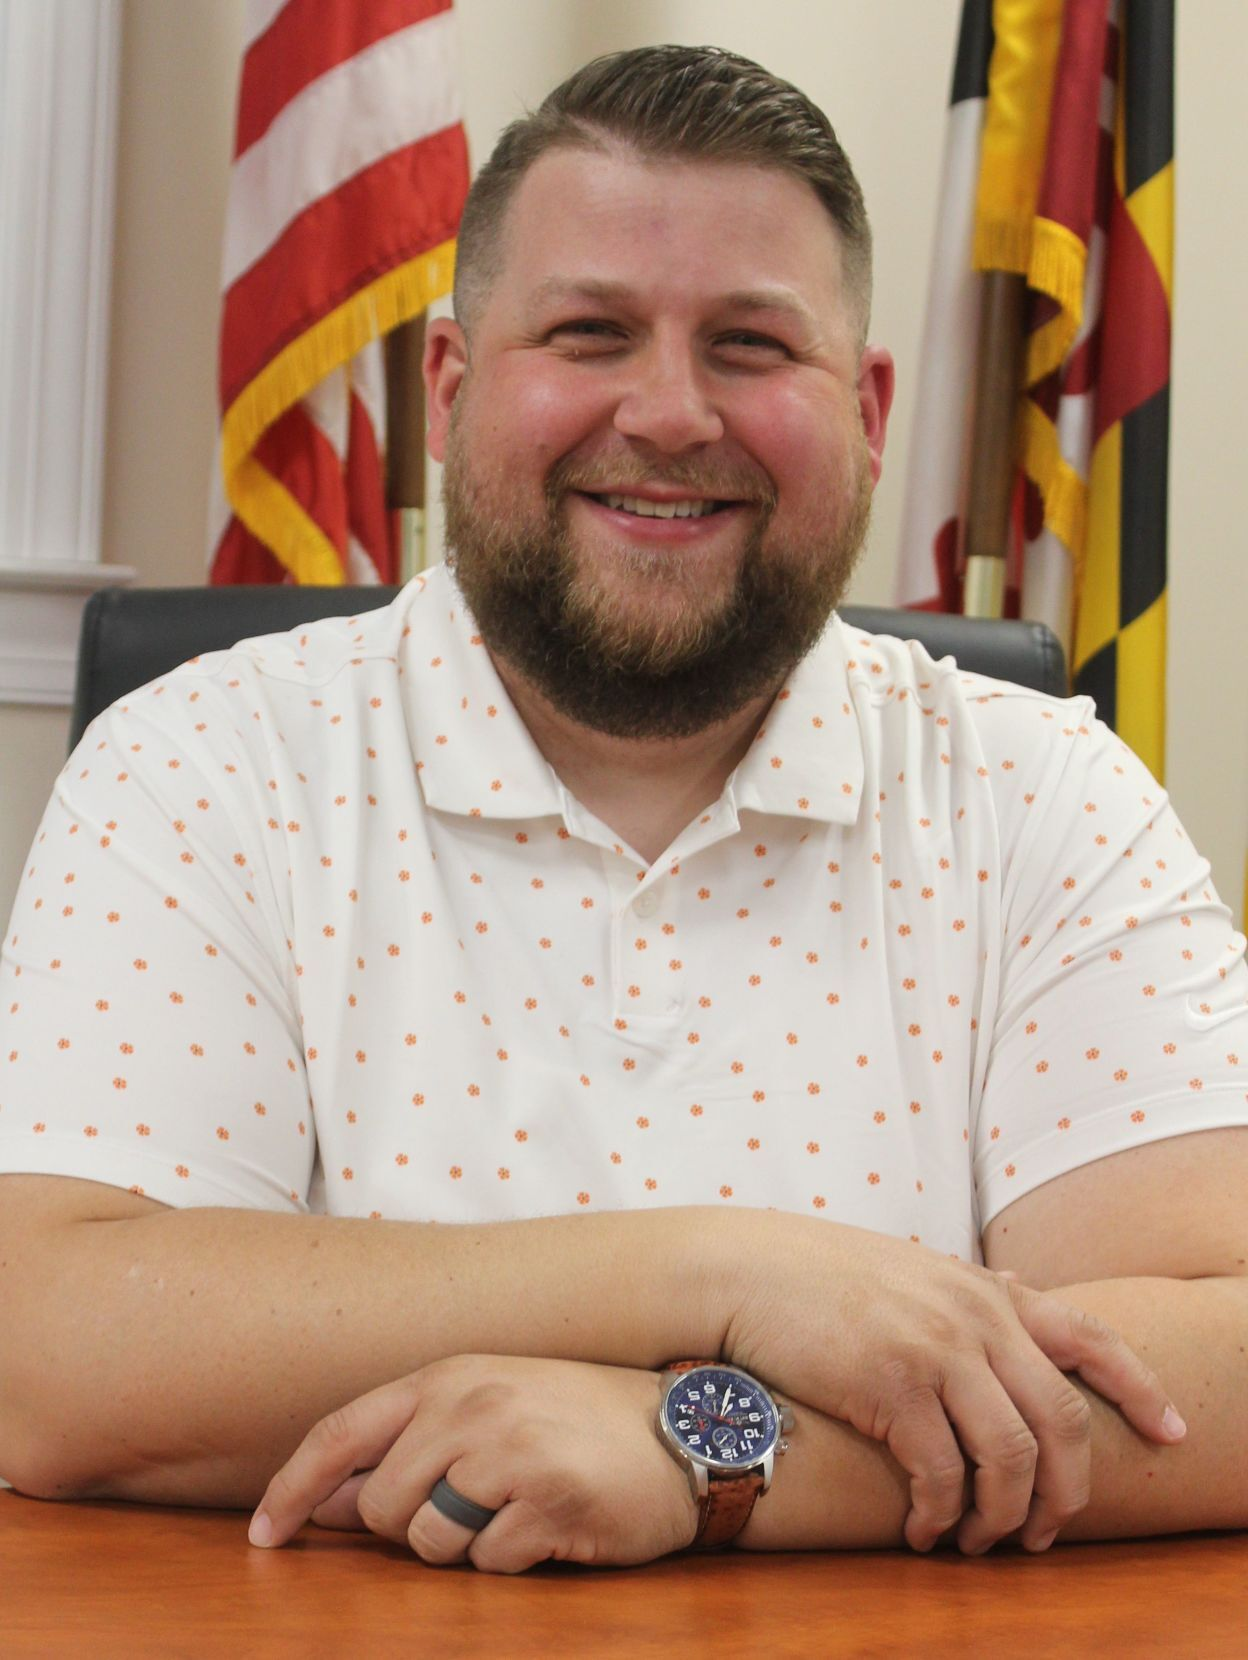 Rising Sun Commissioner Joseph Shephard